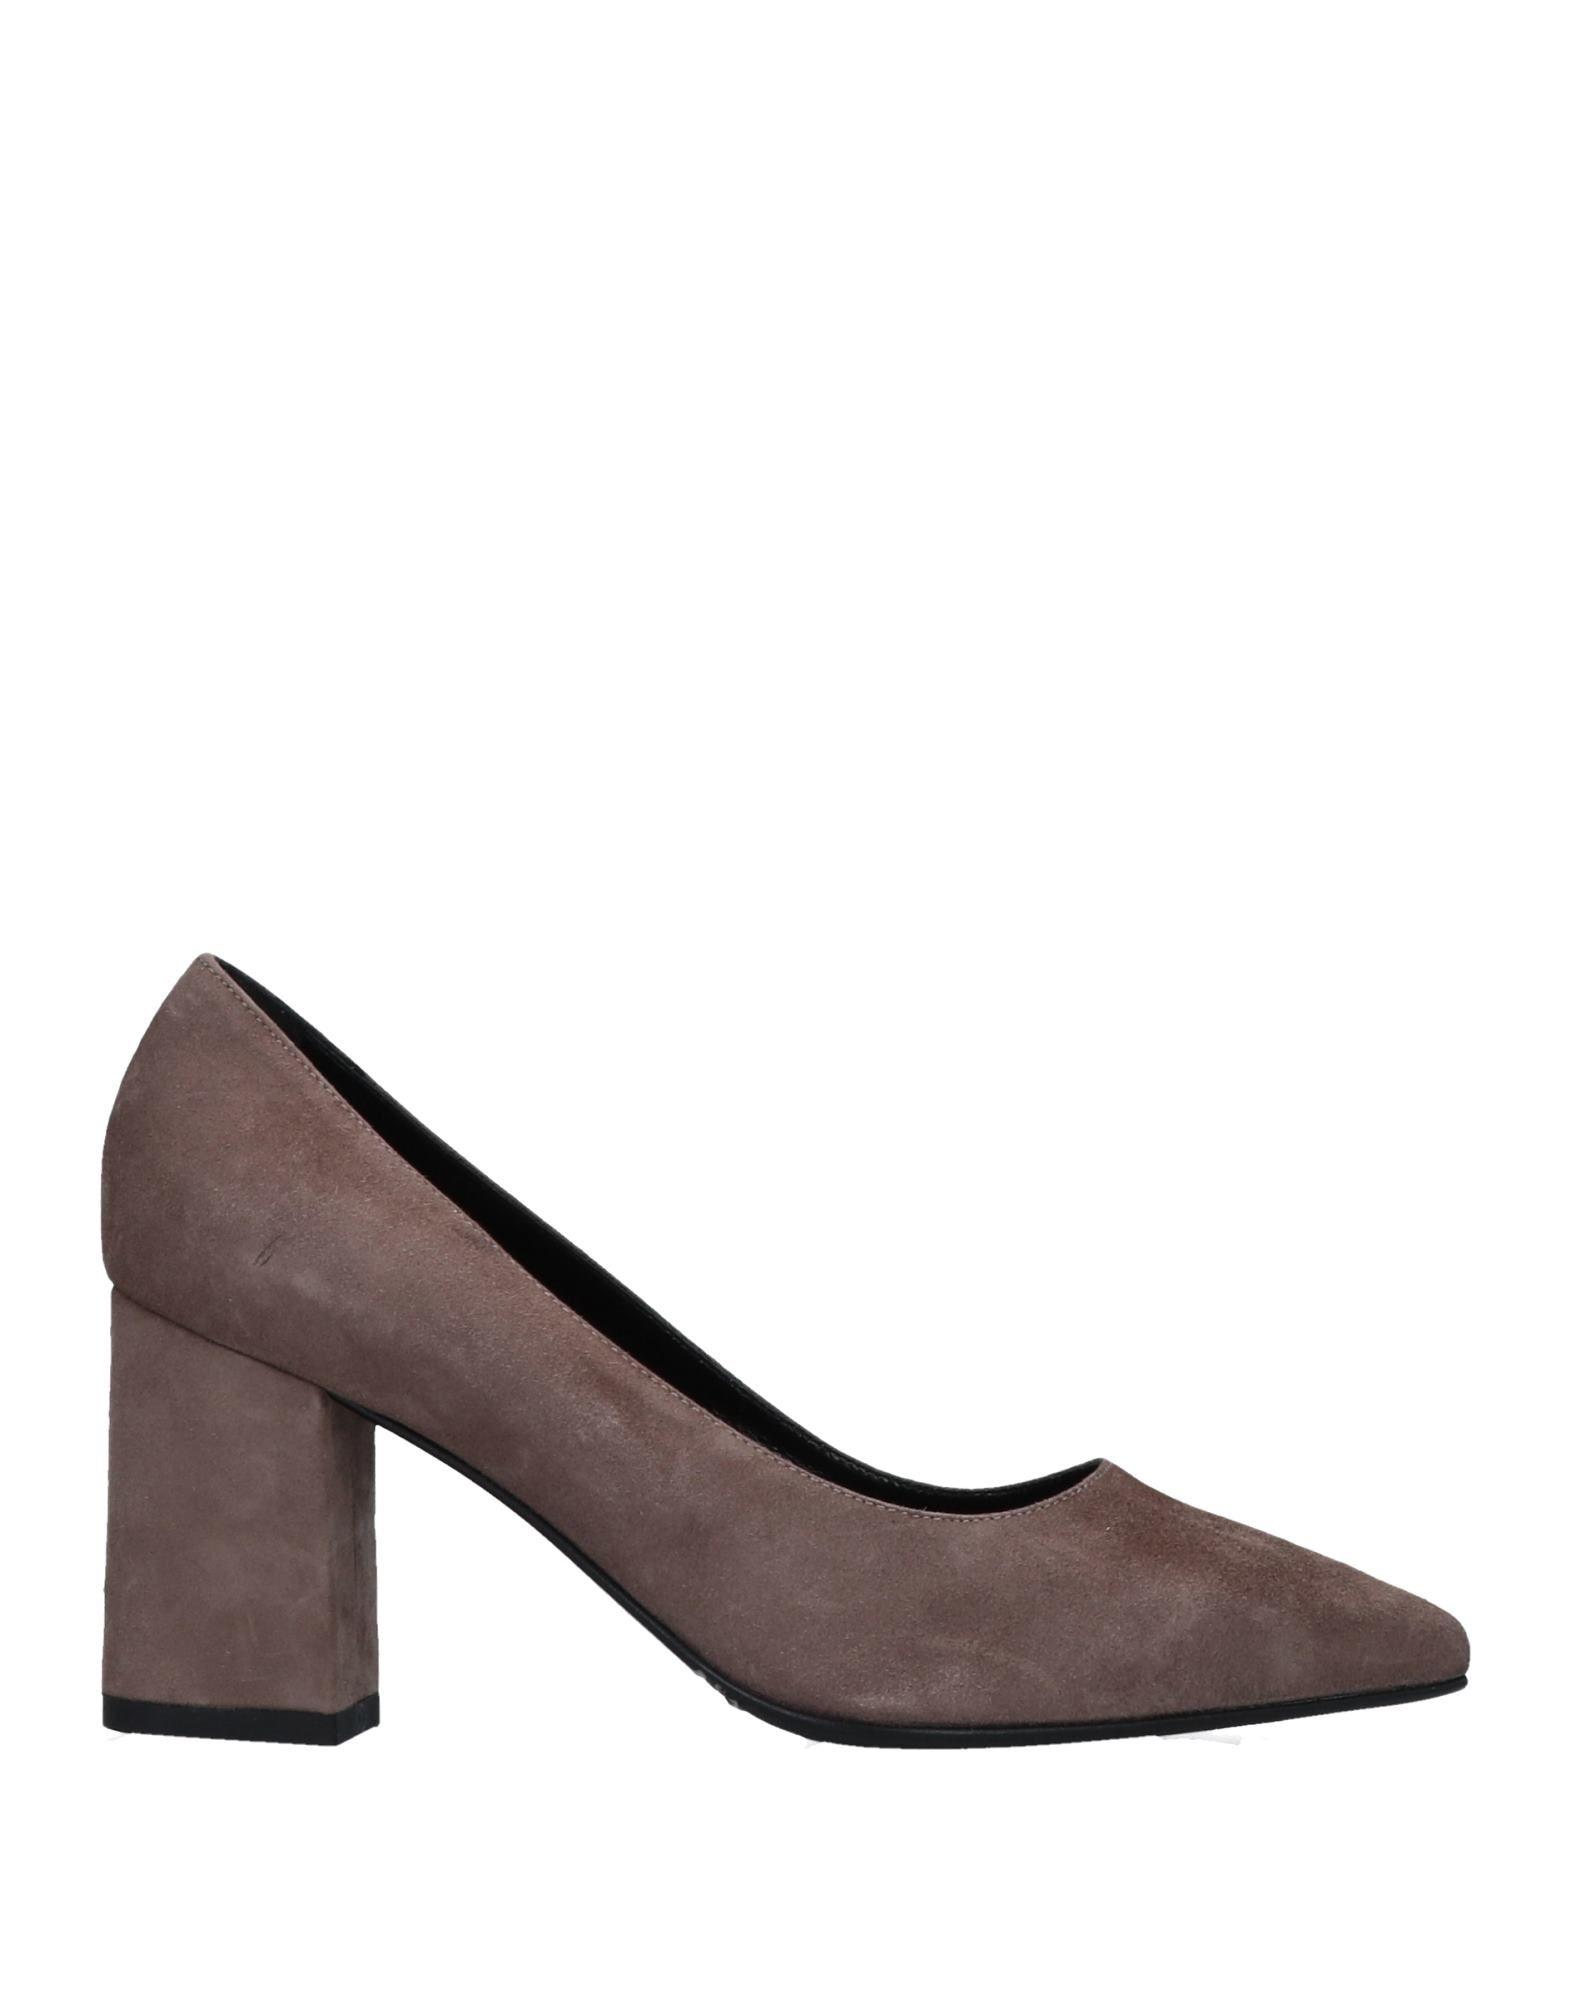 Sandali Formentini Donna - scarpe 11442452TP Nuove offerte e scarpe - comode 06540b